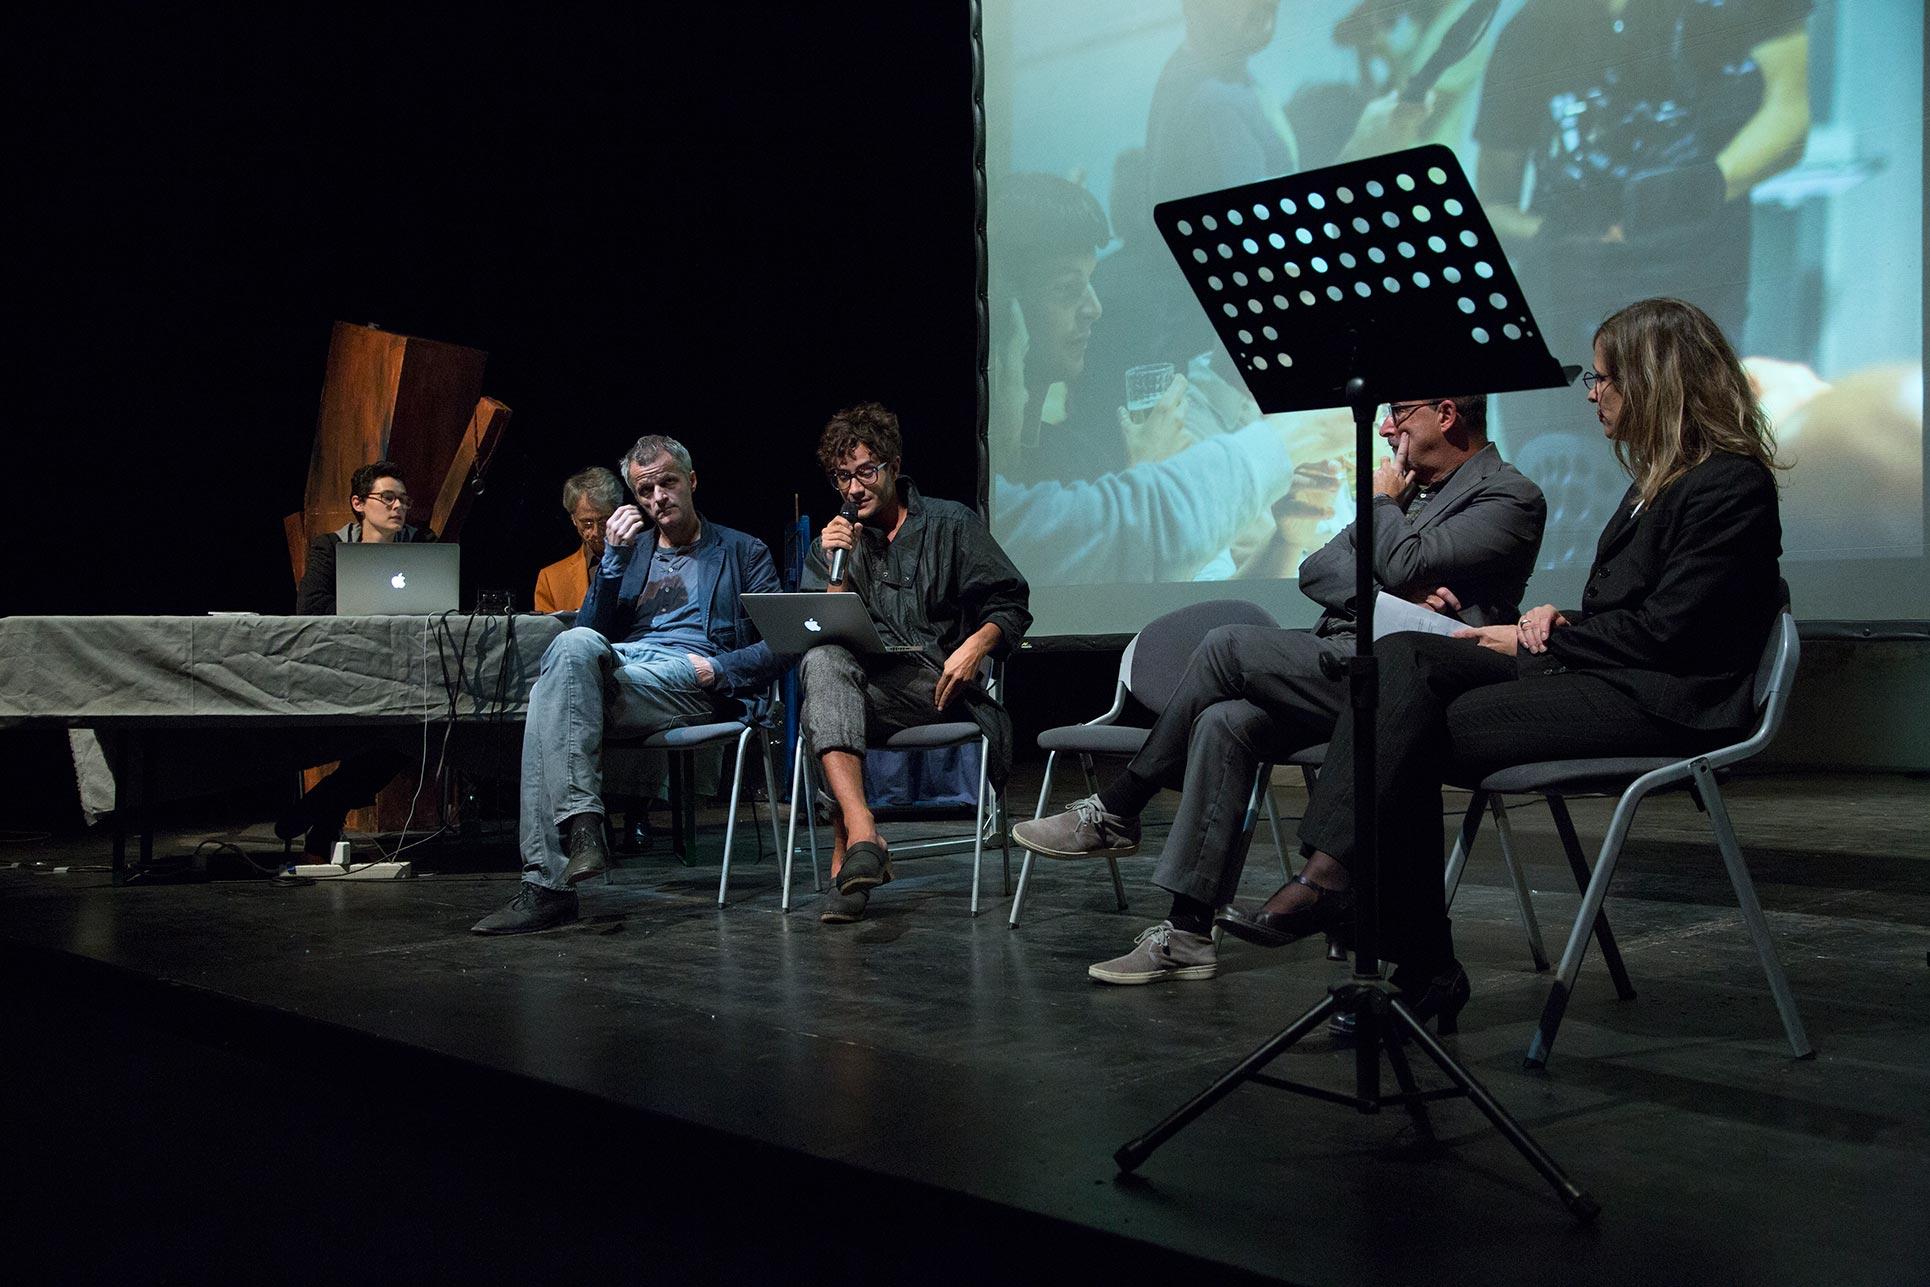 From the left: Giovanna Manzotti, Mino Bertoldo, Heinrich Lüber, Simone Frangi, Domenico Lucchini, Barbara Fässler (Photo: Elena Sconfinetti)